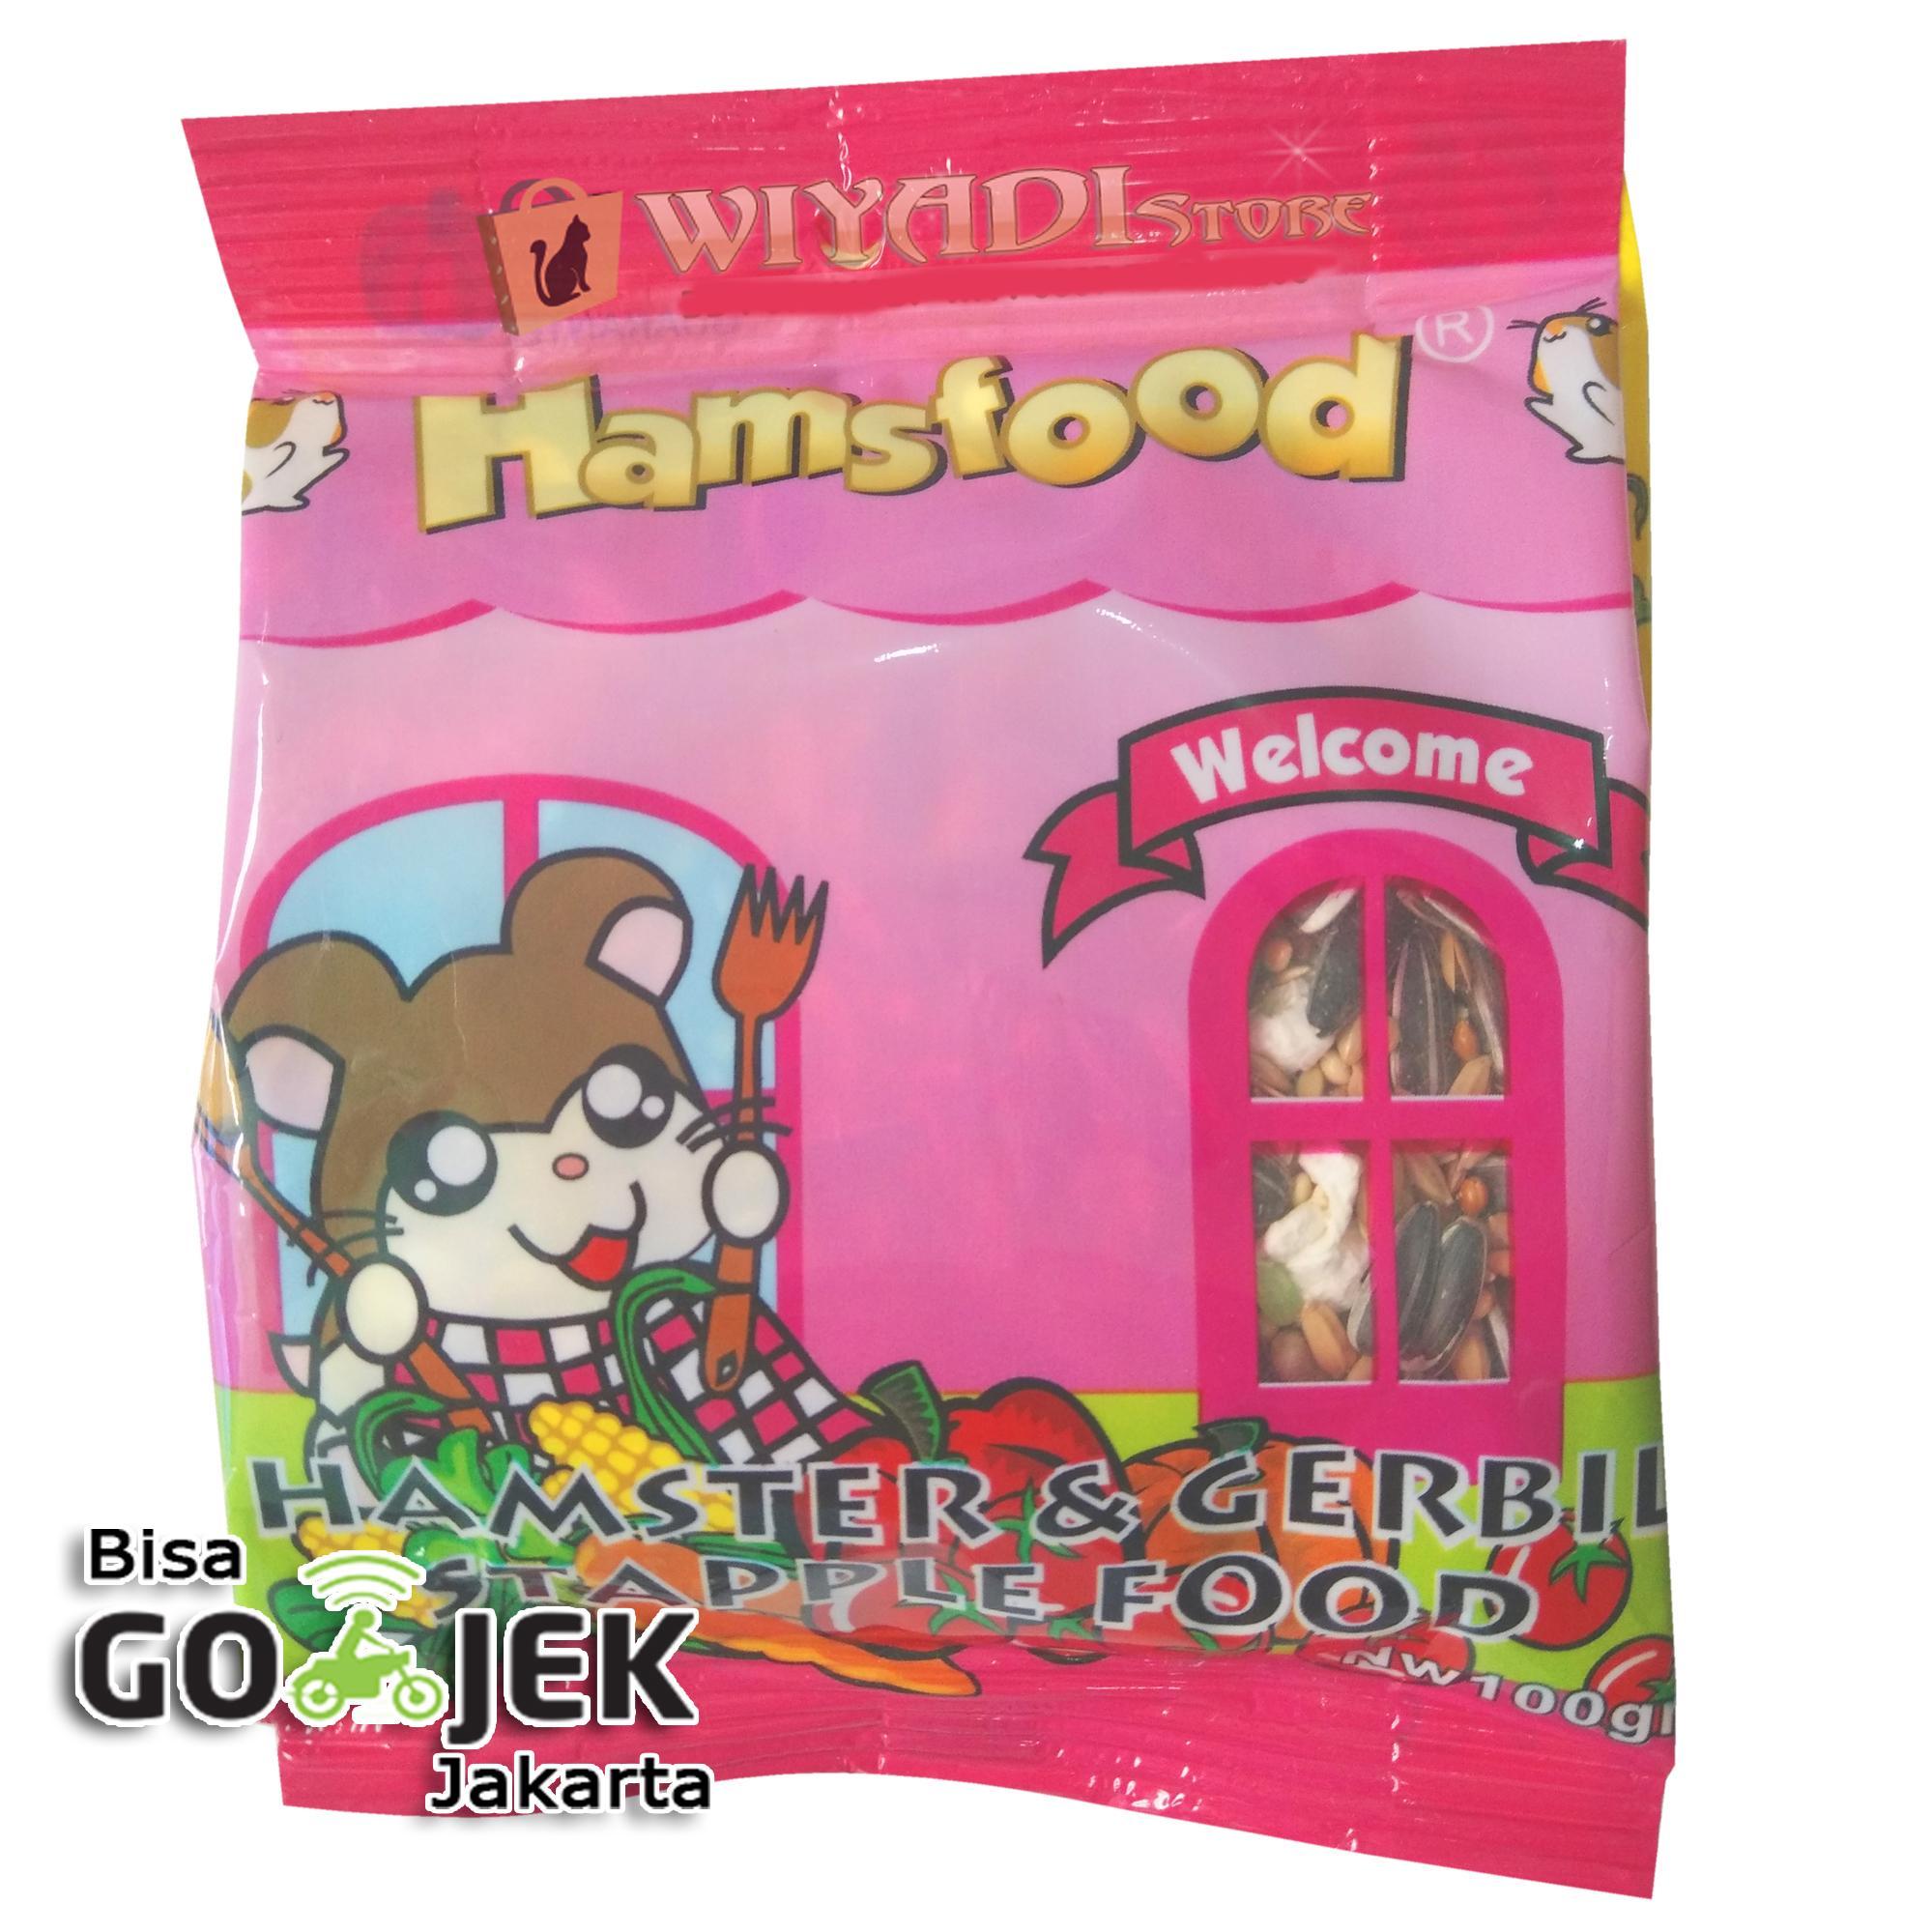 Wiyadistore - Makanan Hamster Hamsfood 100gr By Wiyadistore.